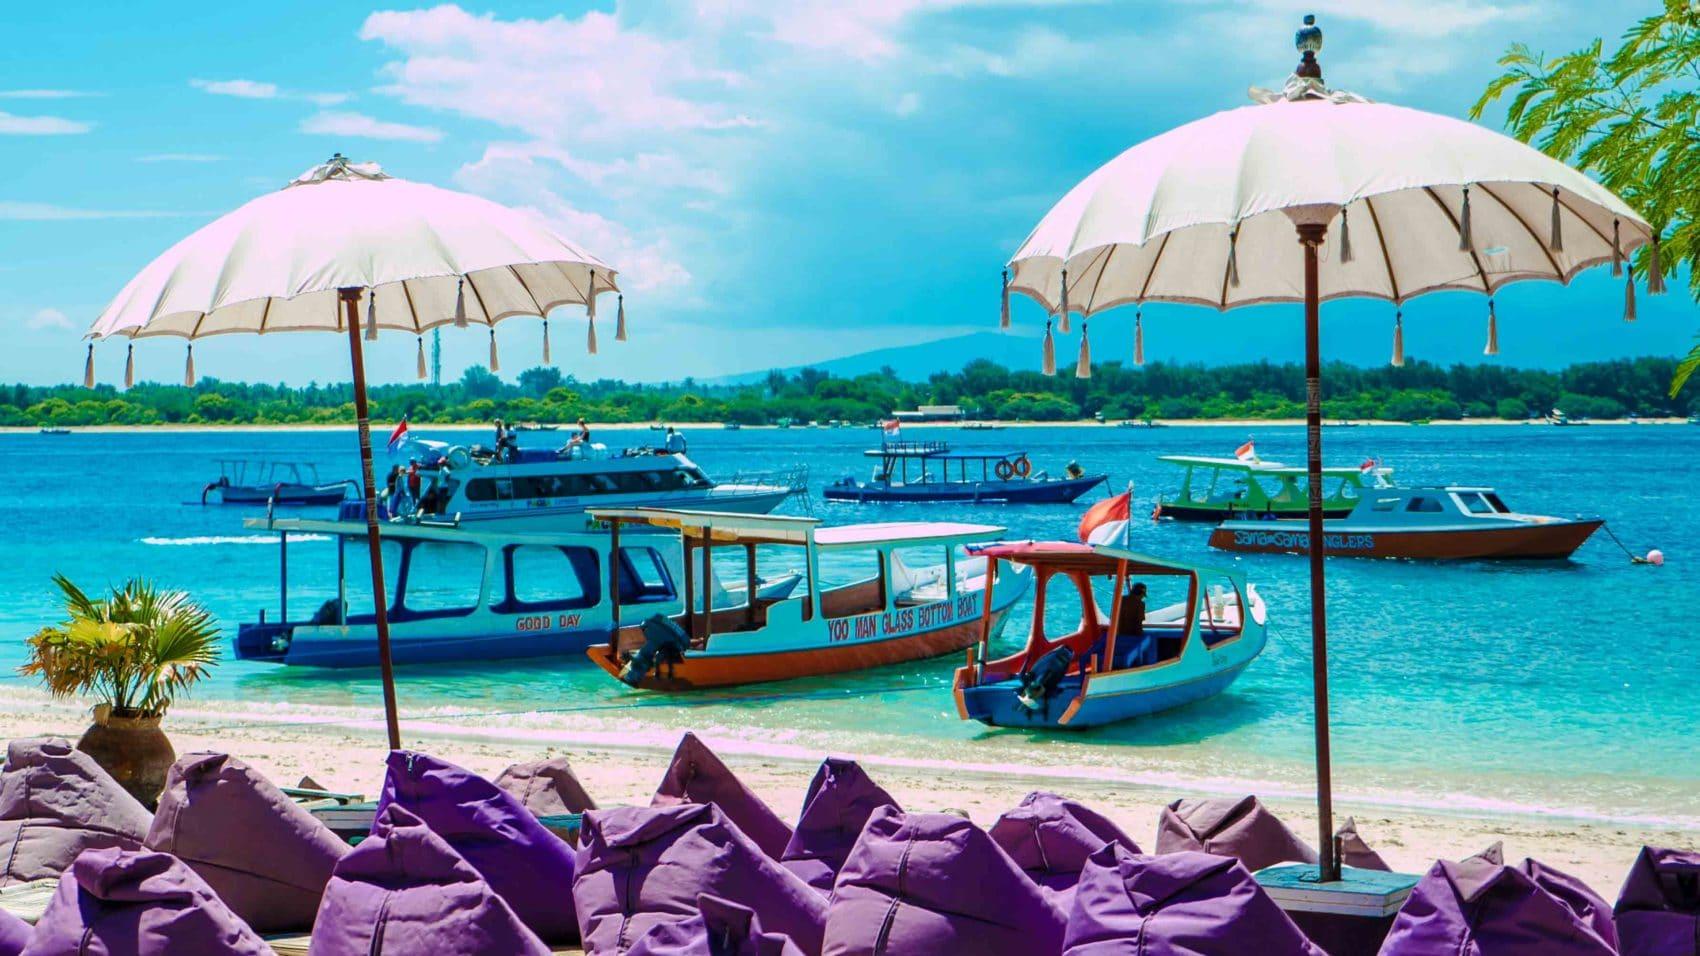 Comment se rendre à Gili Trawangan (et rejoindre votre hôtel) ?